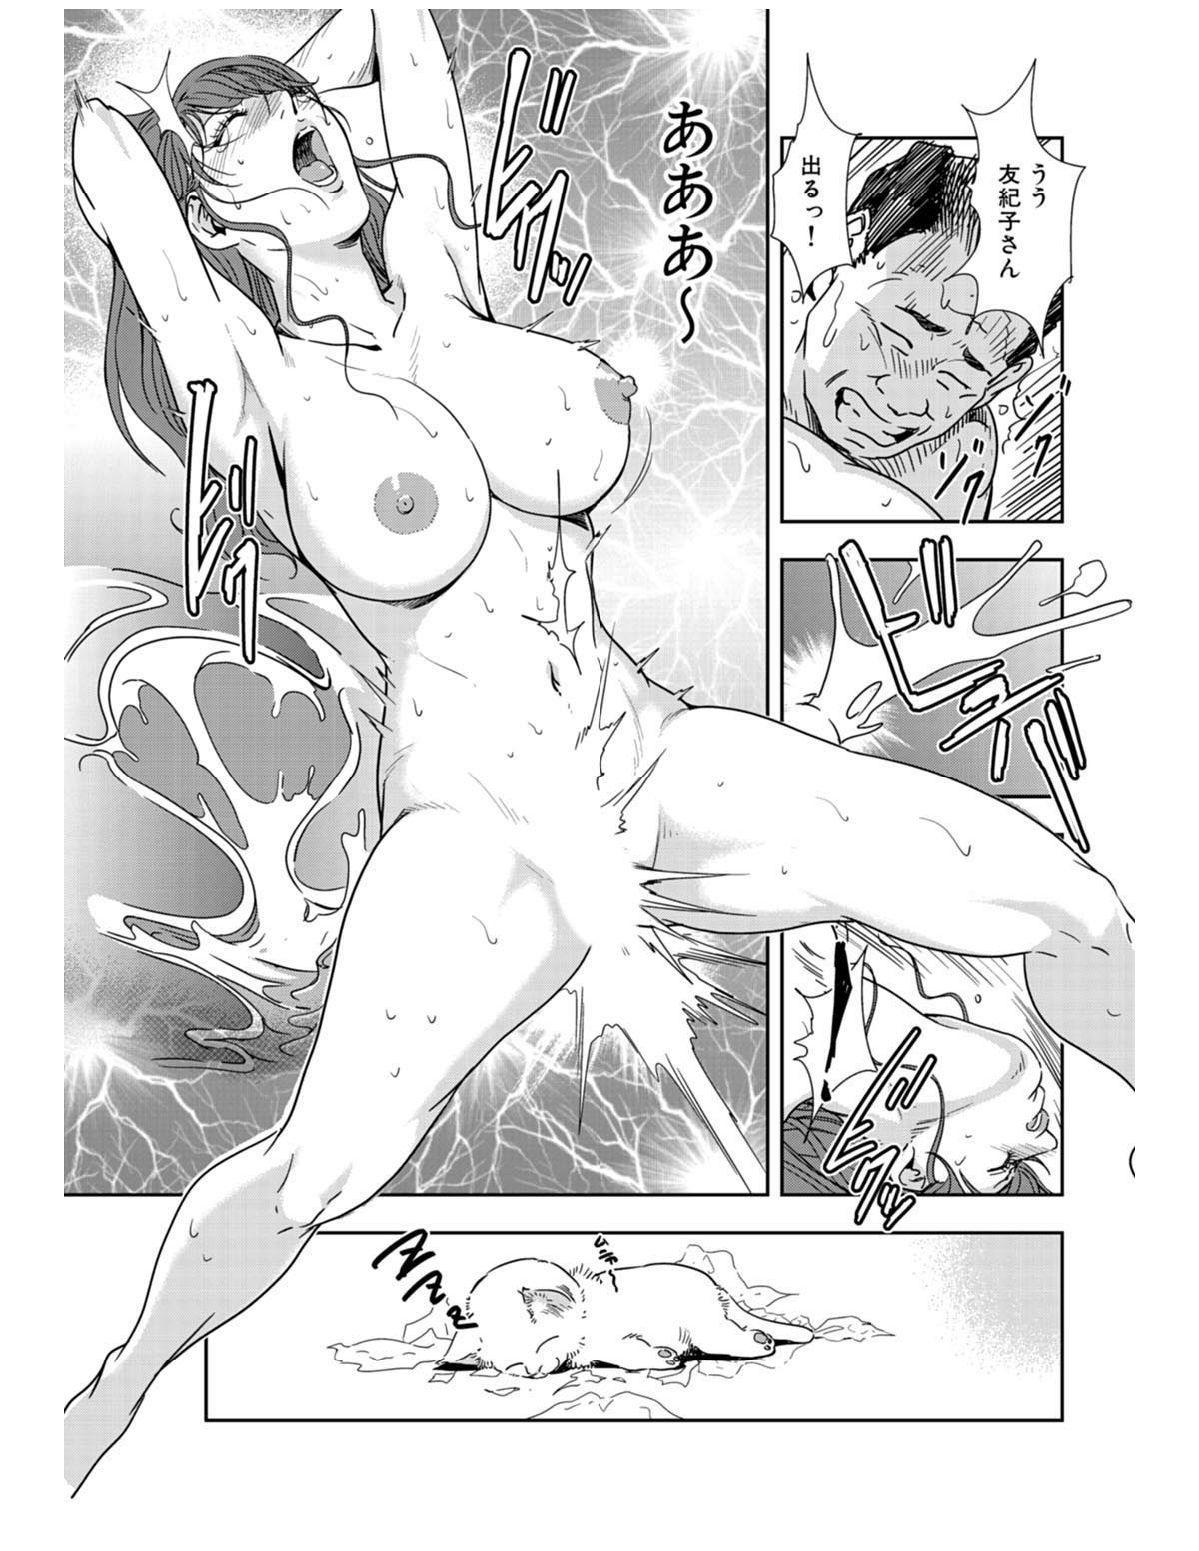 Nikuhisyo Yukiko 21 148